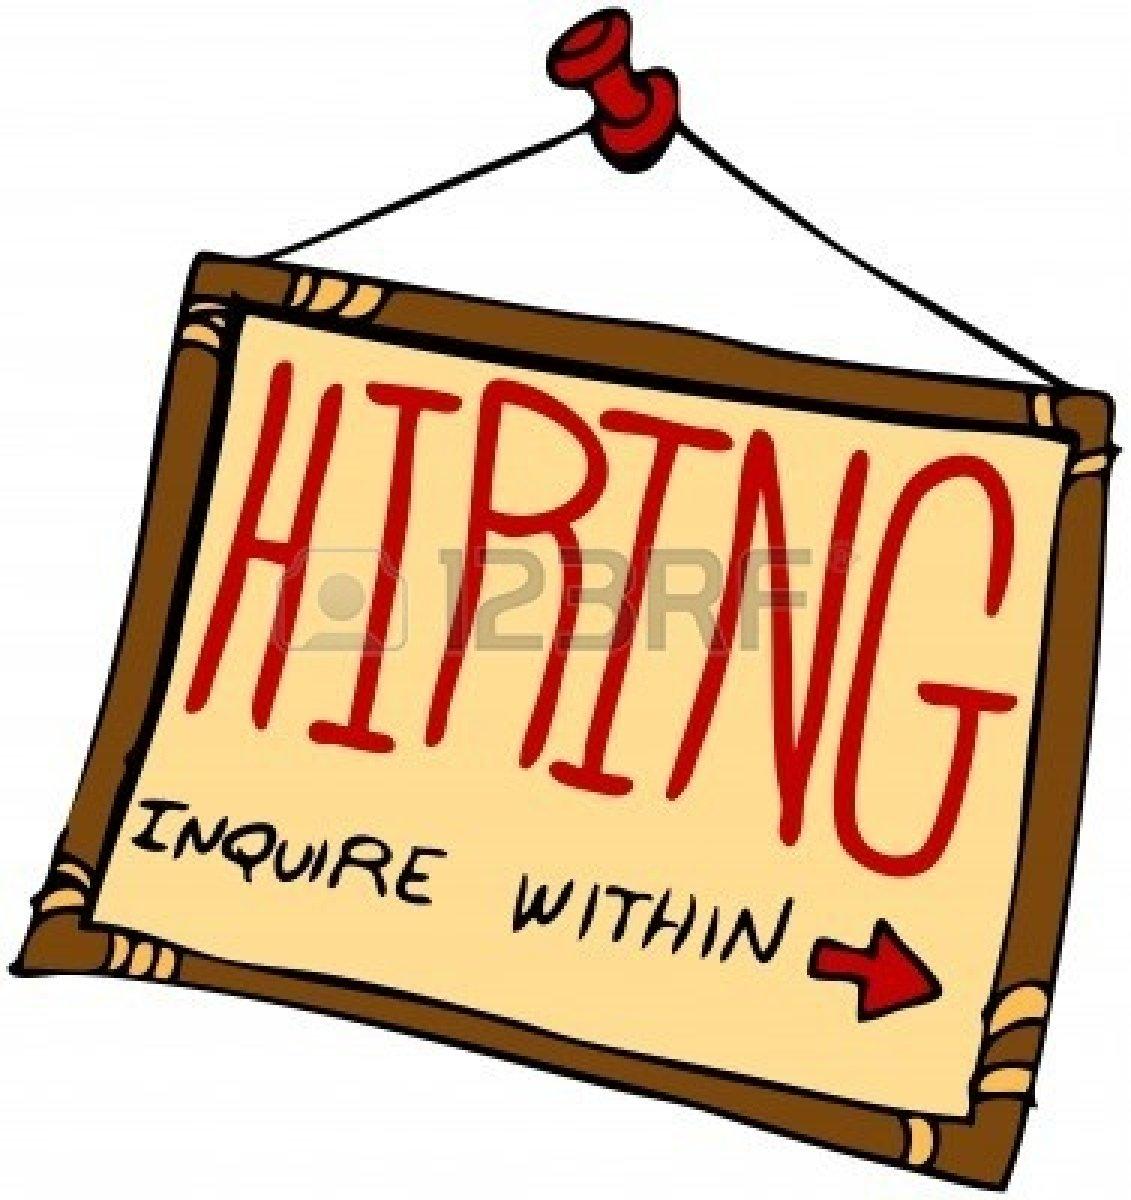 job clip art job search clipart panda free clipart images rh clipartpanda com job interview clipart free job interview clipart free